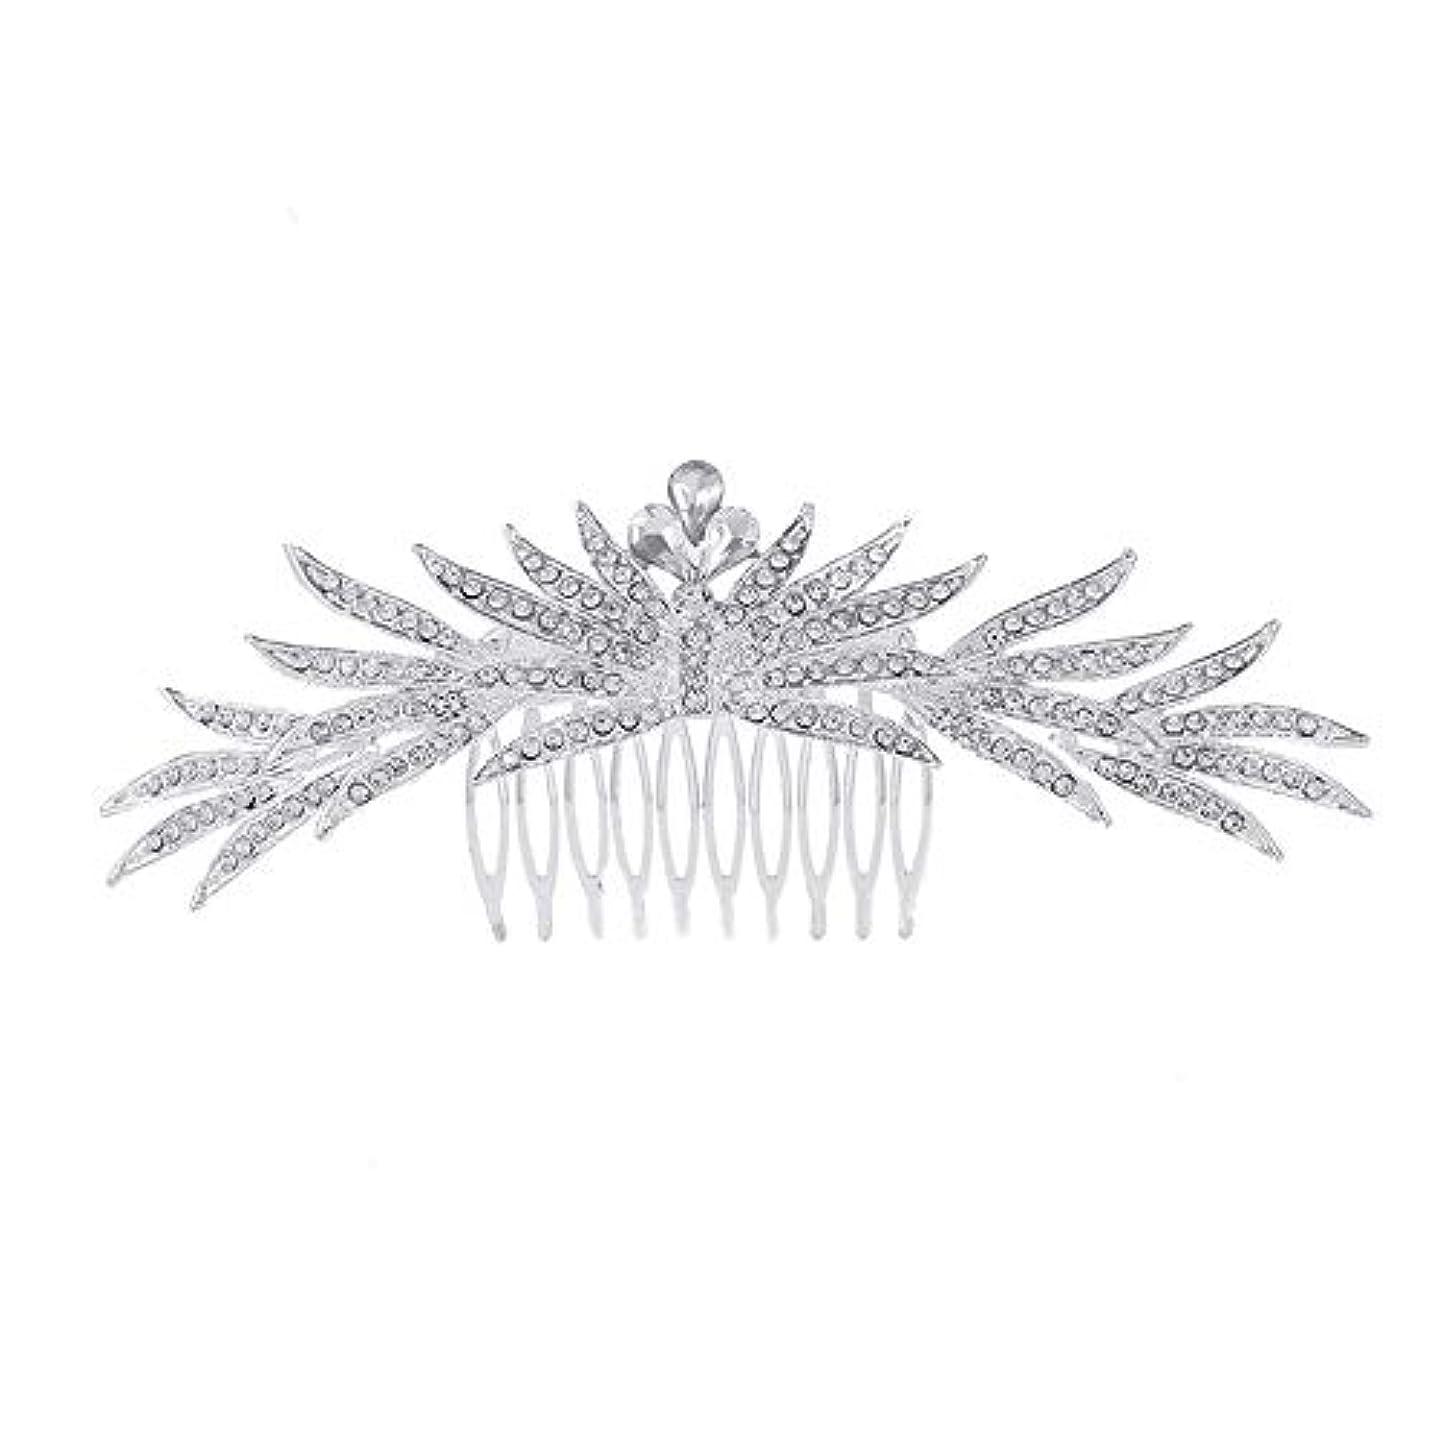 調子アラビア語ナチュラ髪の櫛の櫛の櫛花嫁の髪の櫛ラインストーンの櫛亜鉛合金ブライダルヘッドドレス結婚式のアクセサリー挿入櫛